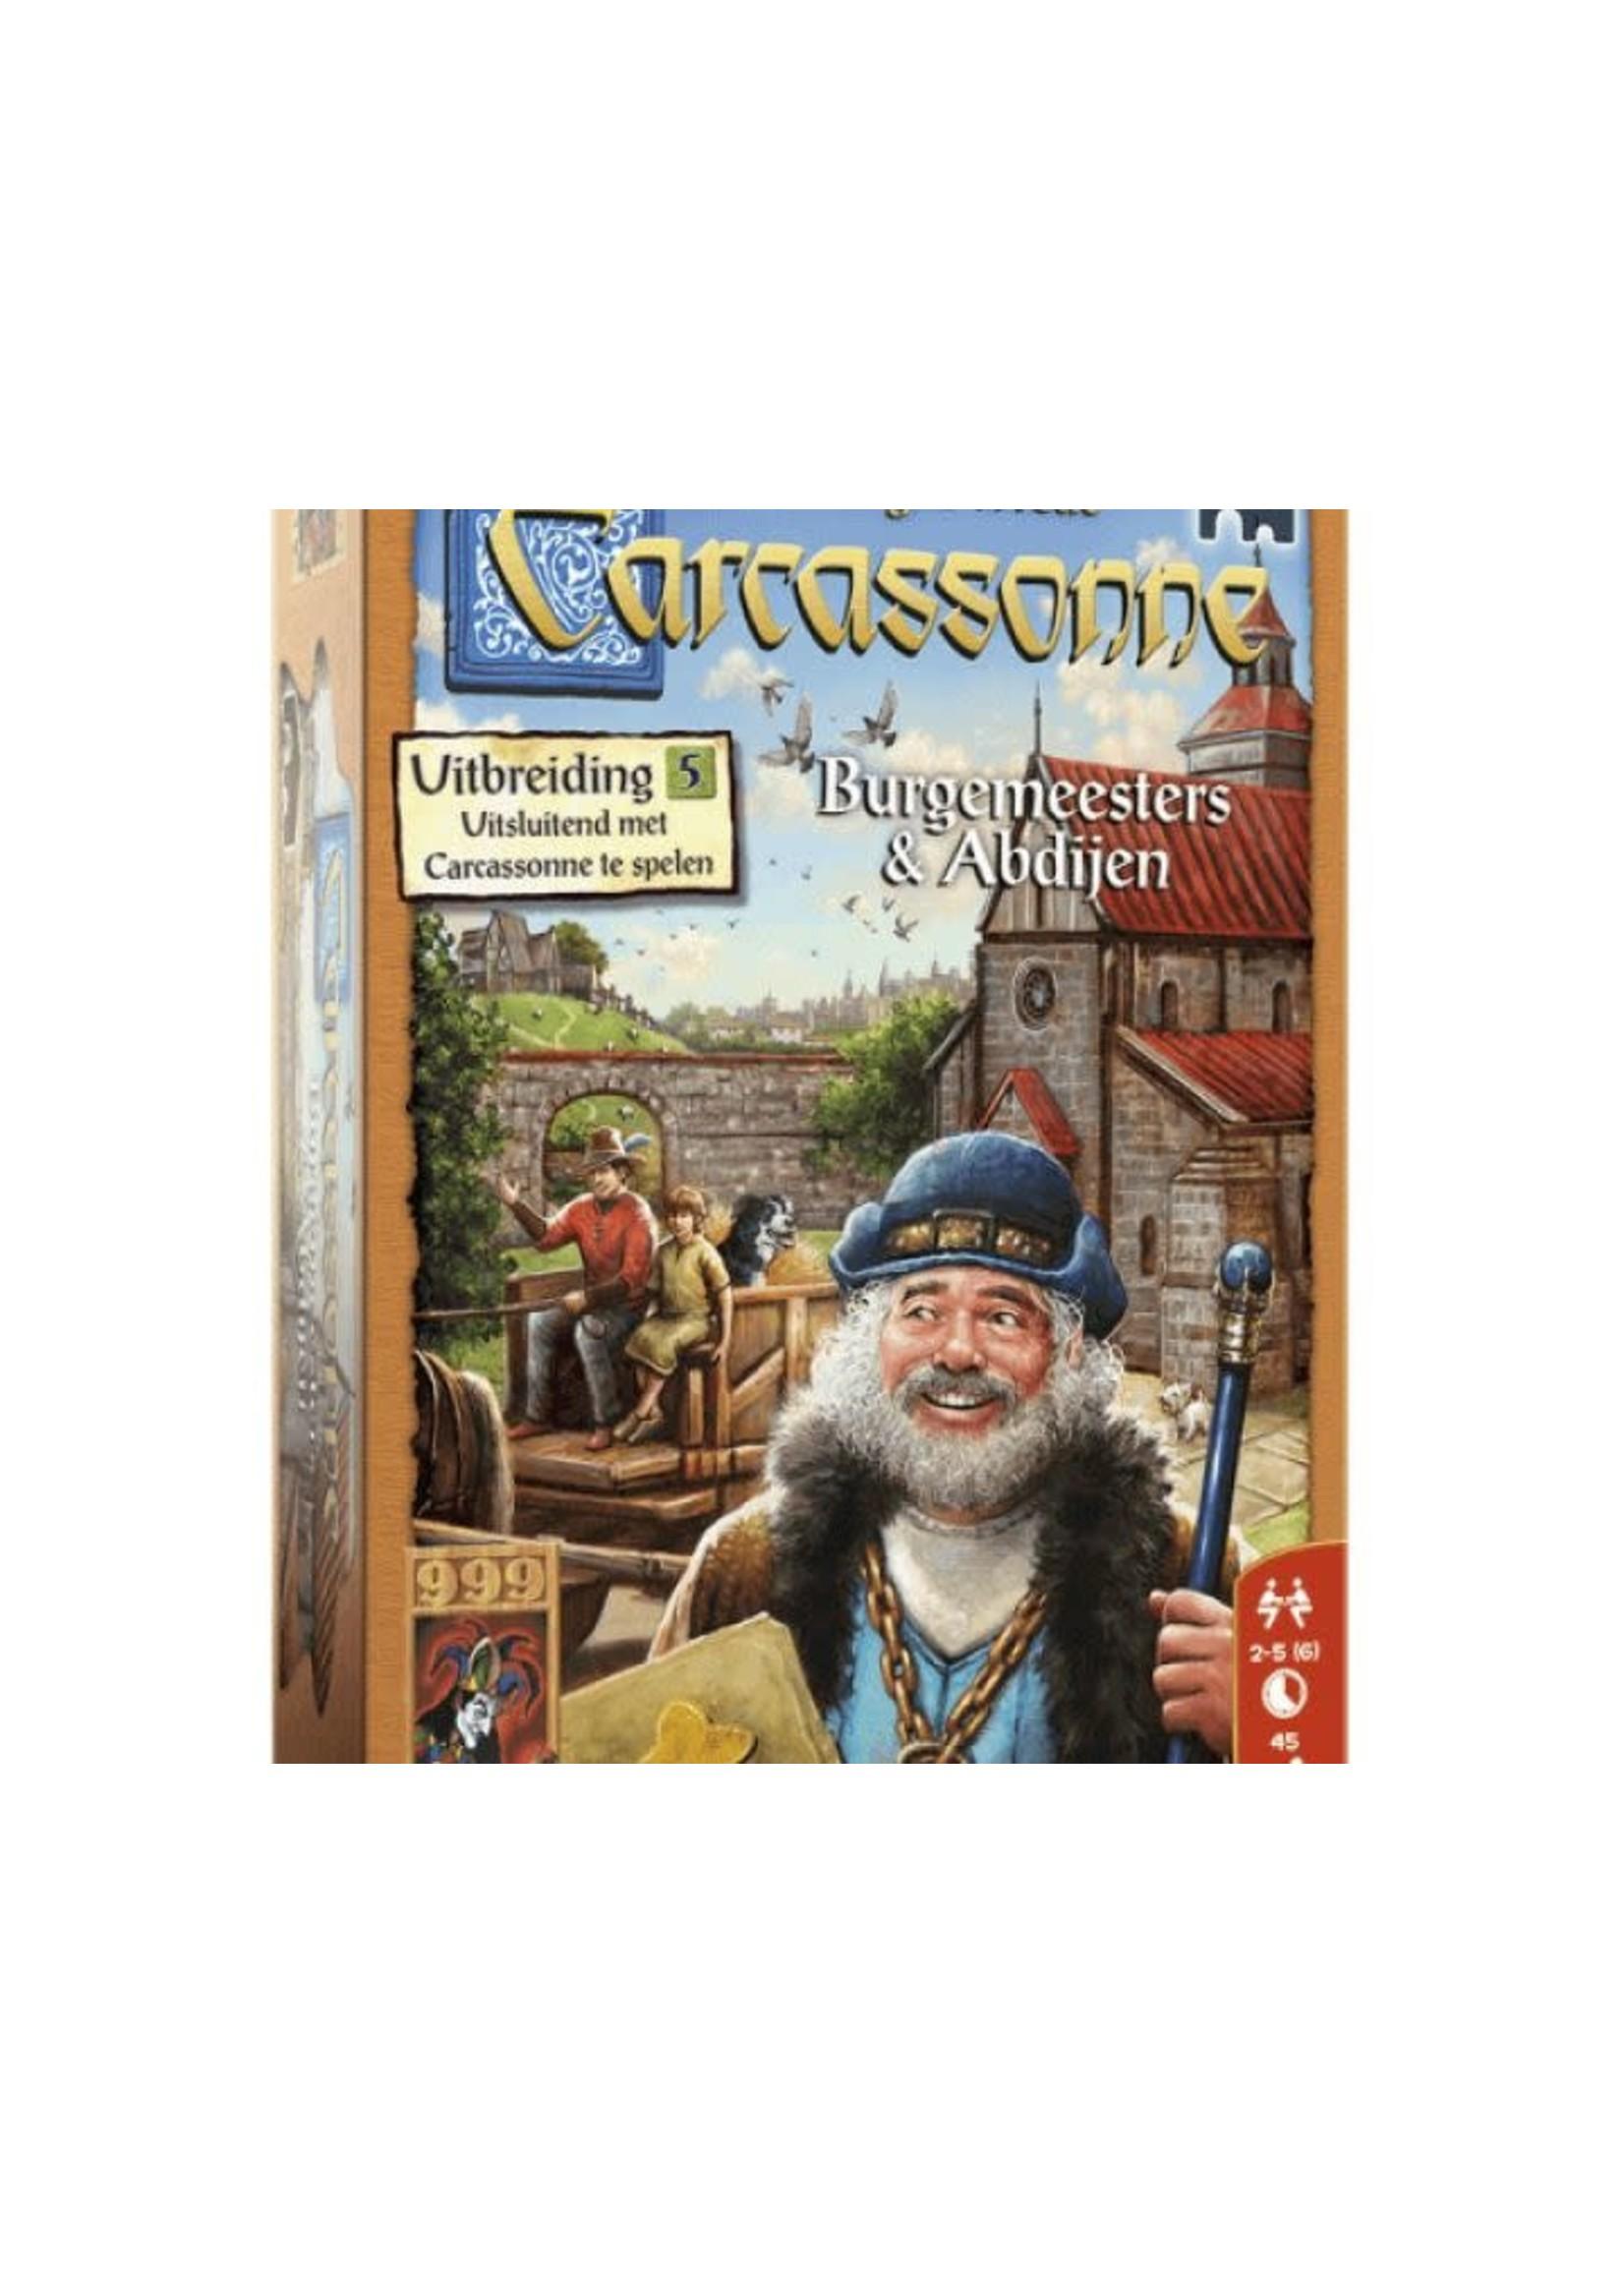 Carcassonne Uitbreiding 5 Burgemeesters & Abdijen